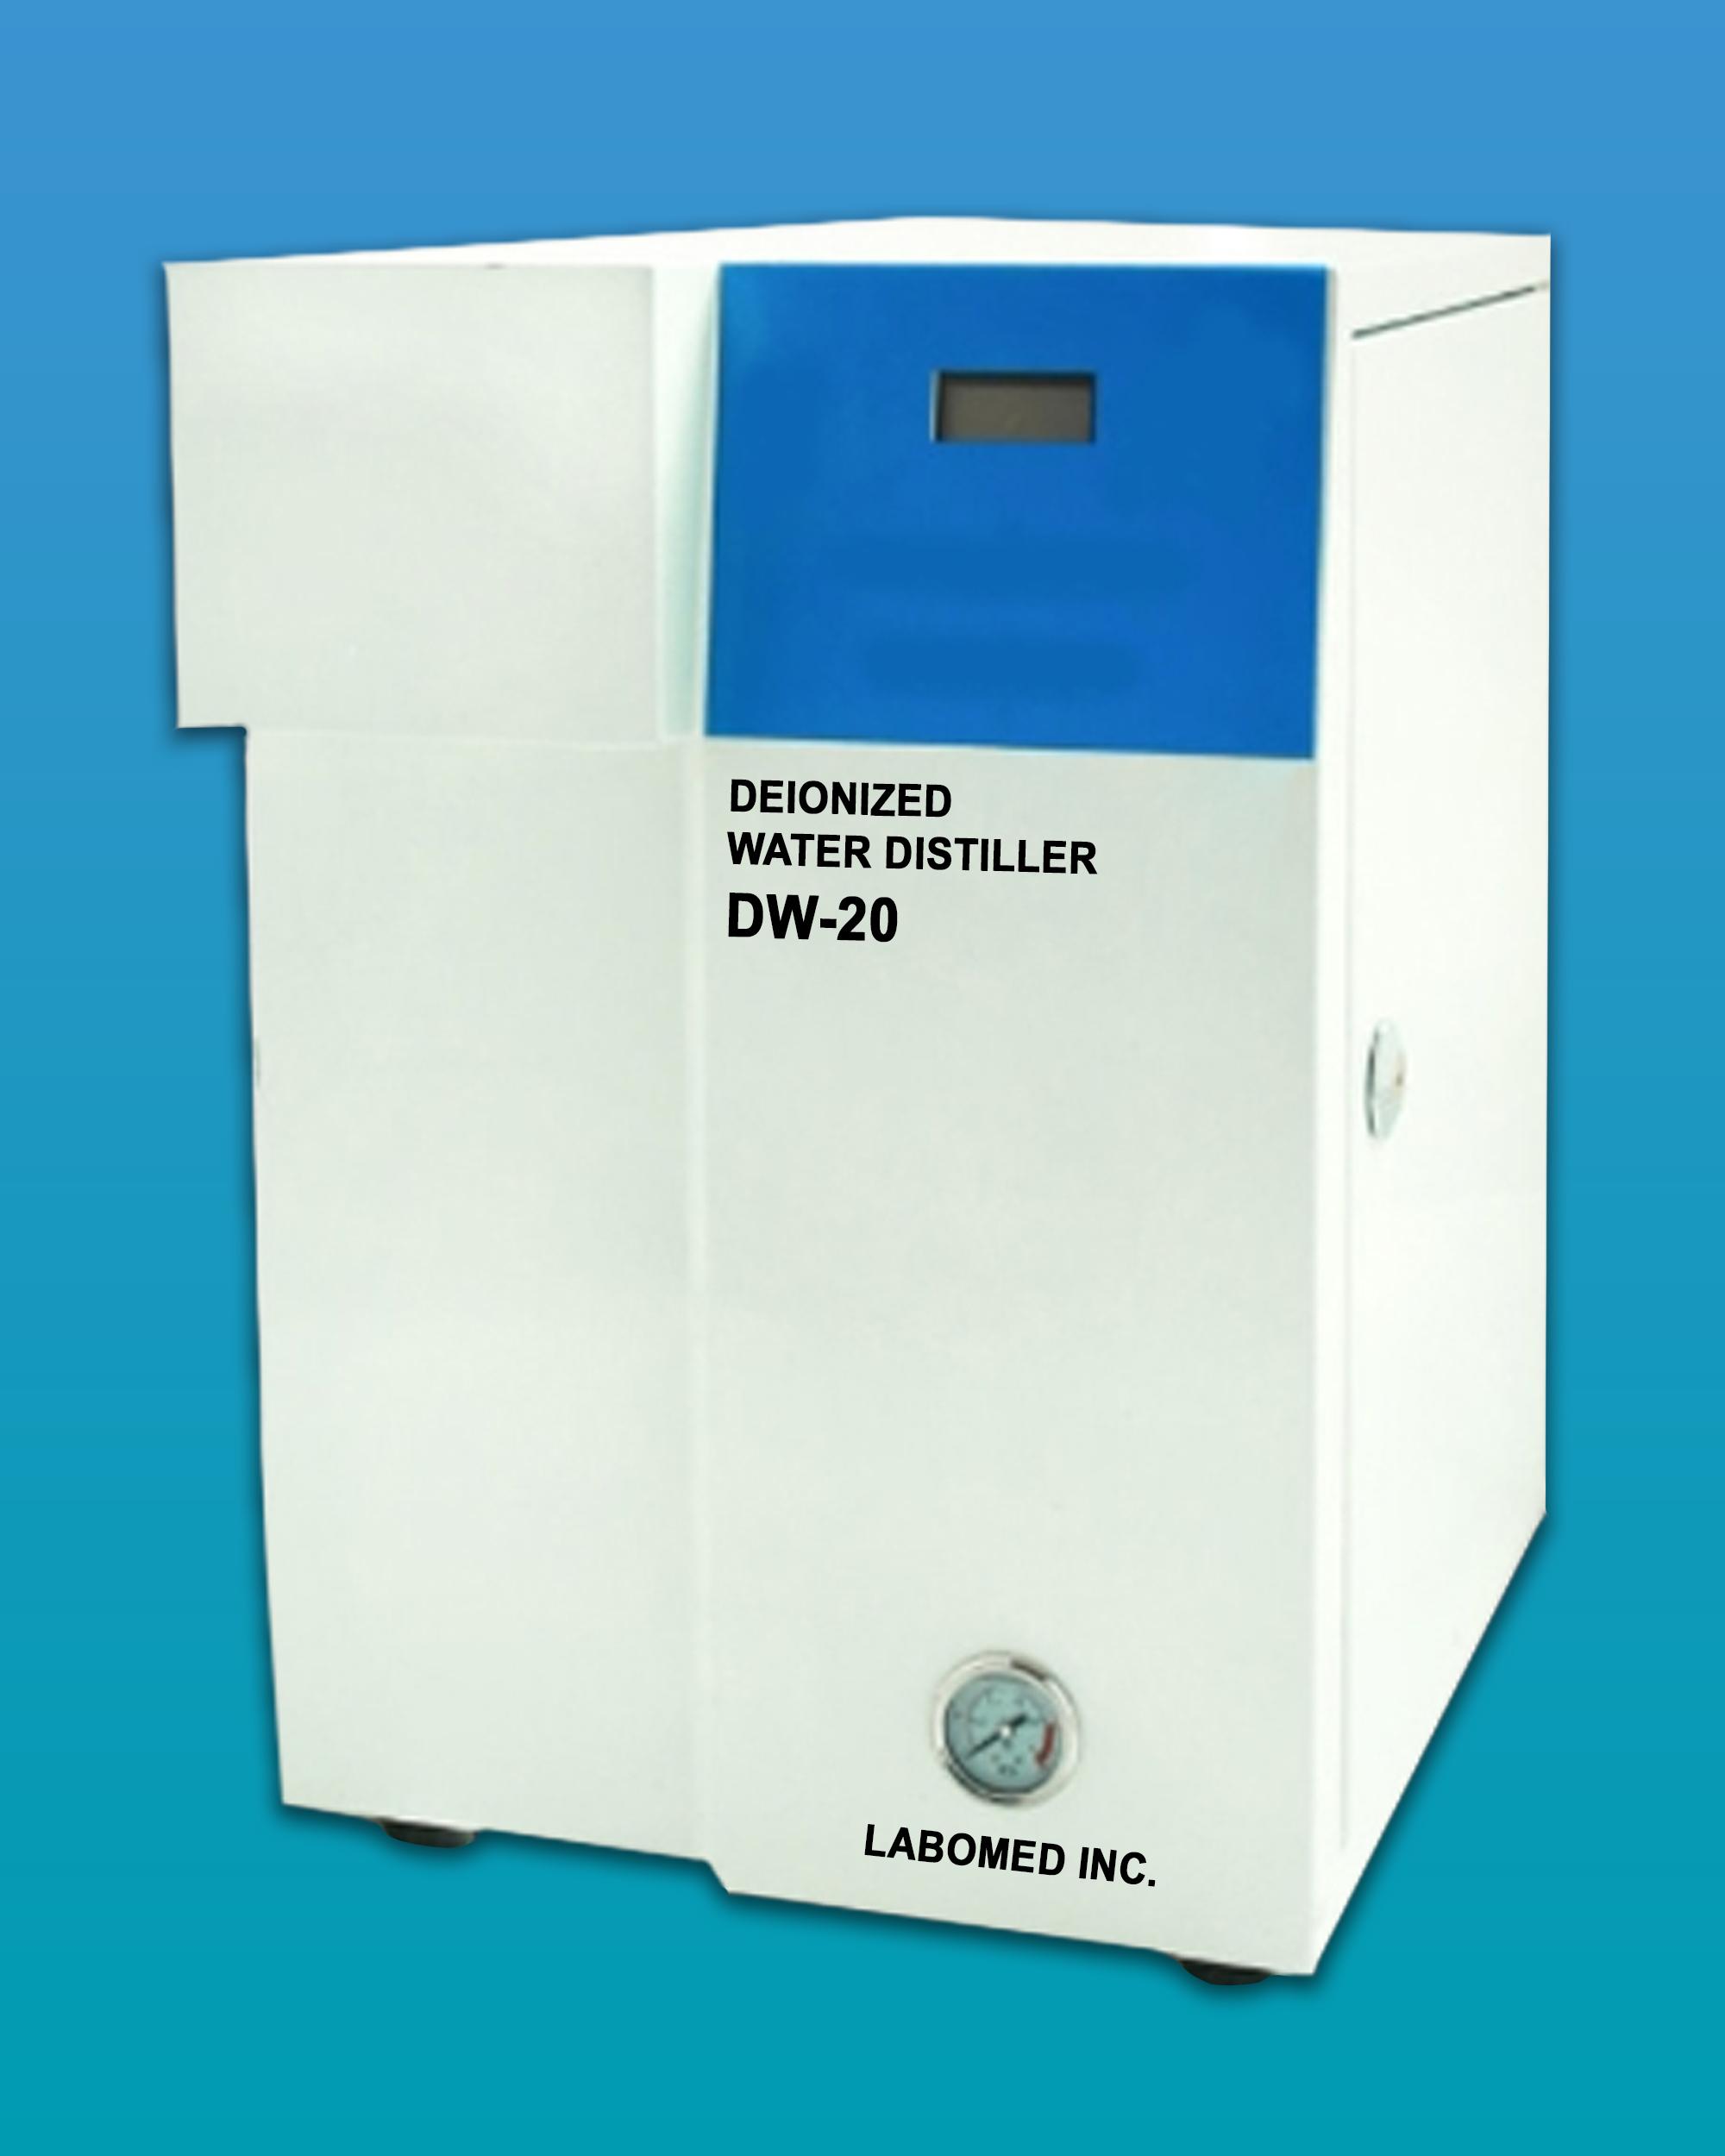 [DW-20] Deionized Water Distiller w/ Gauge